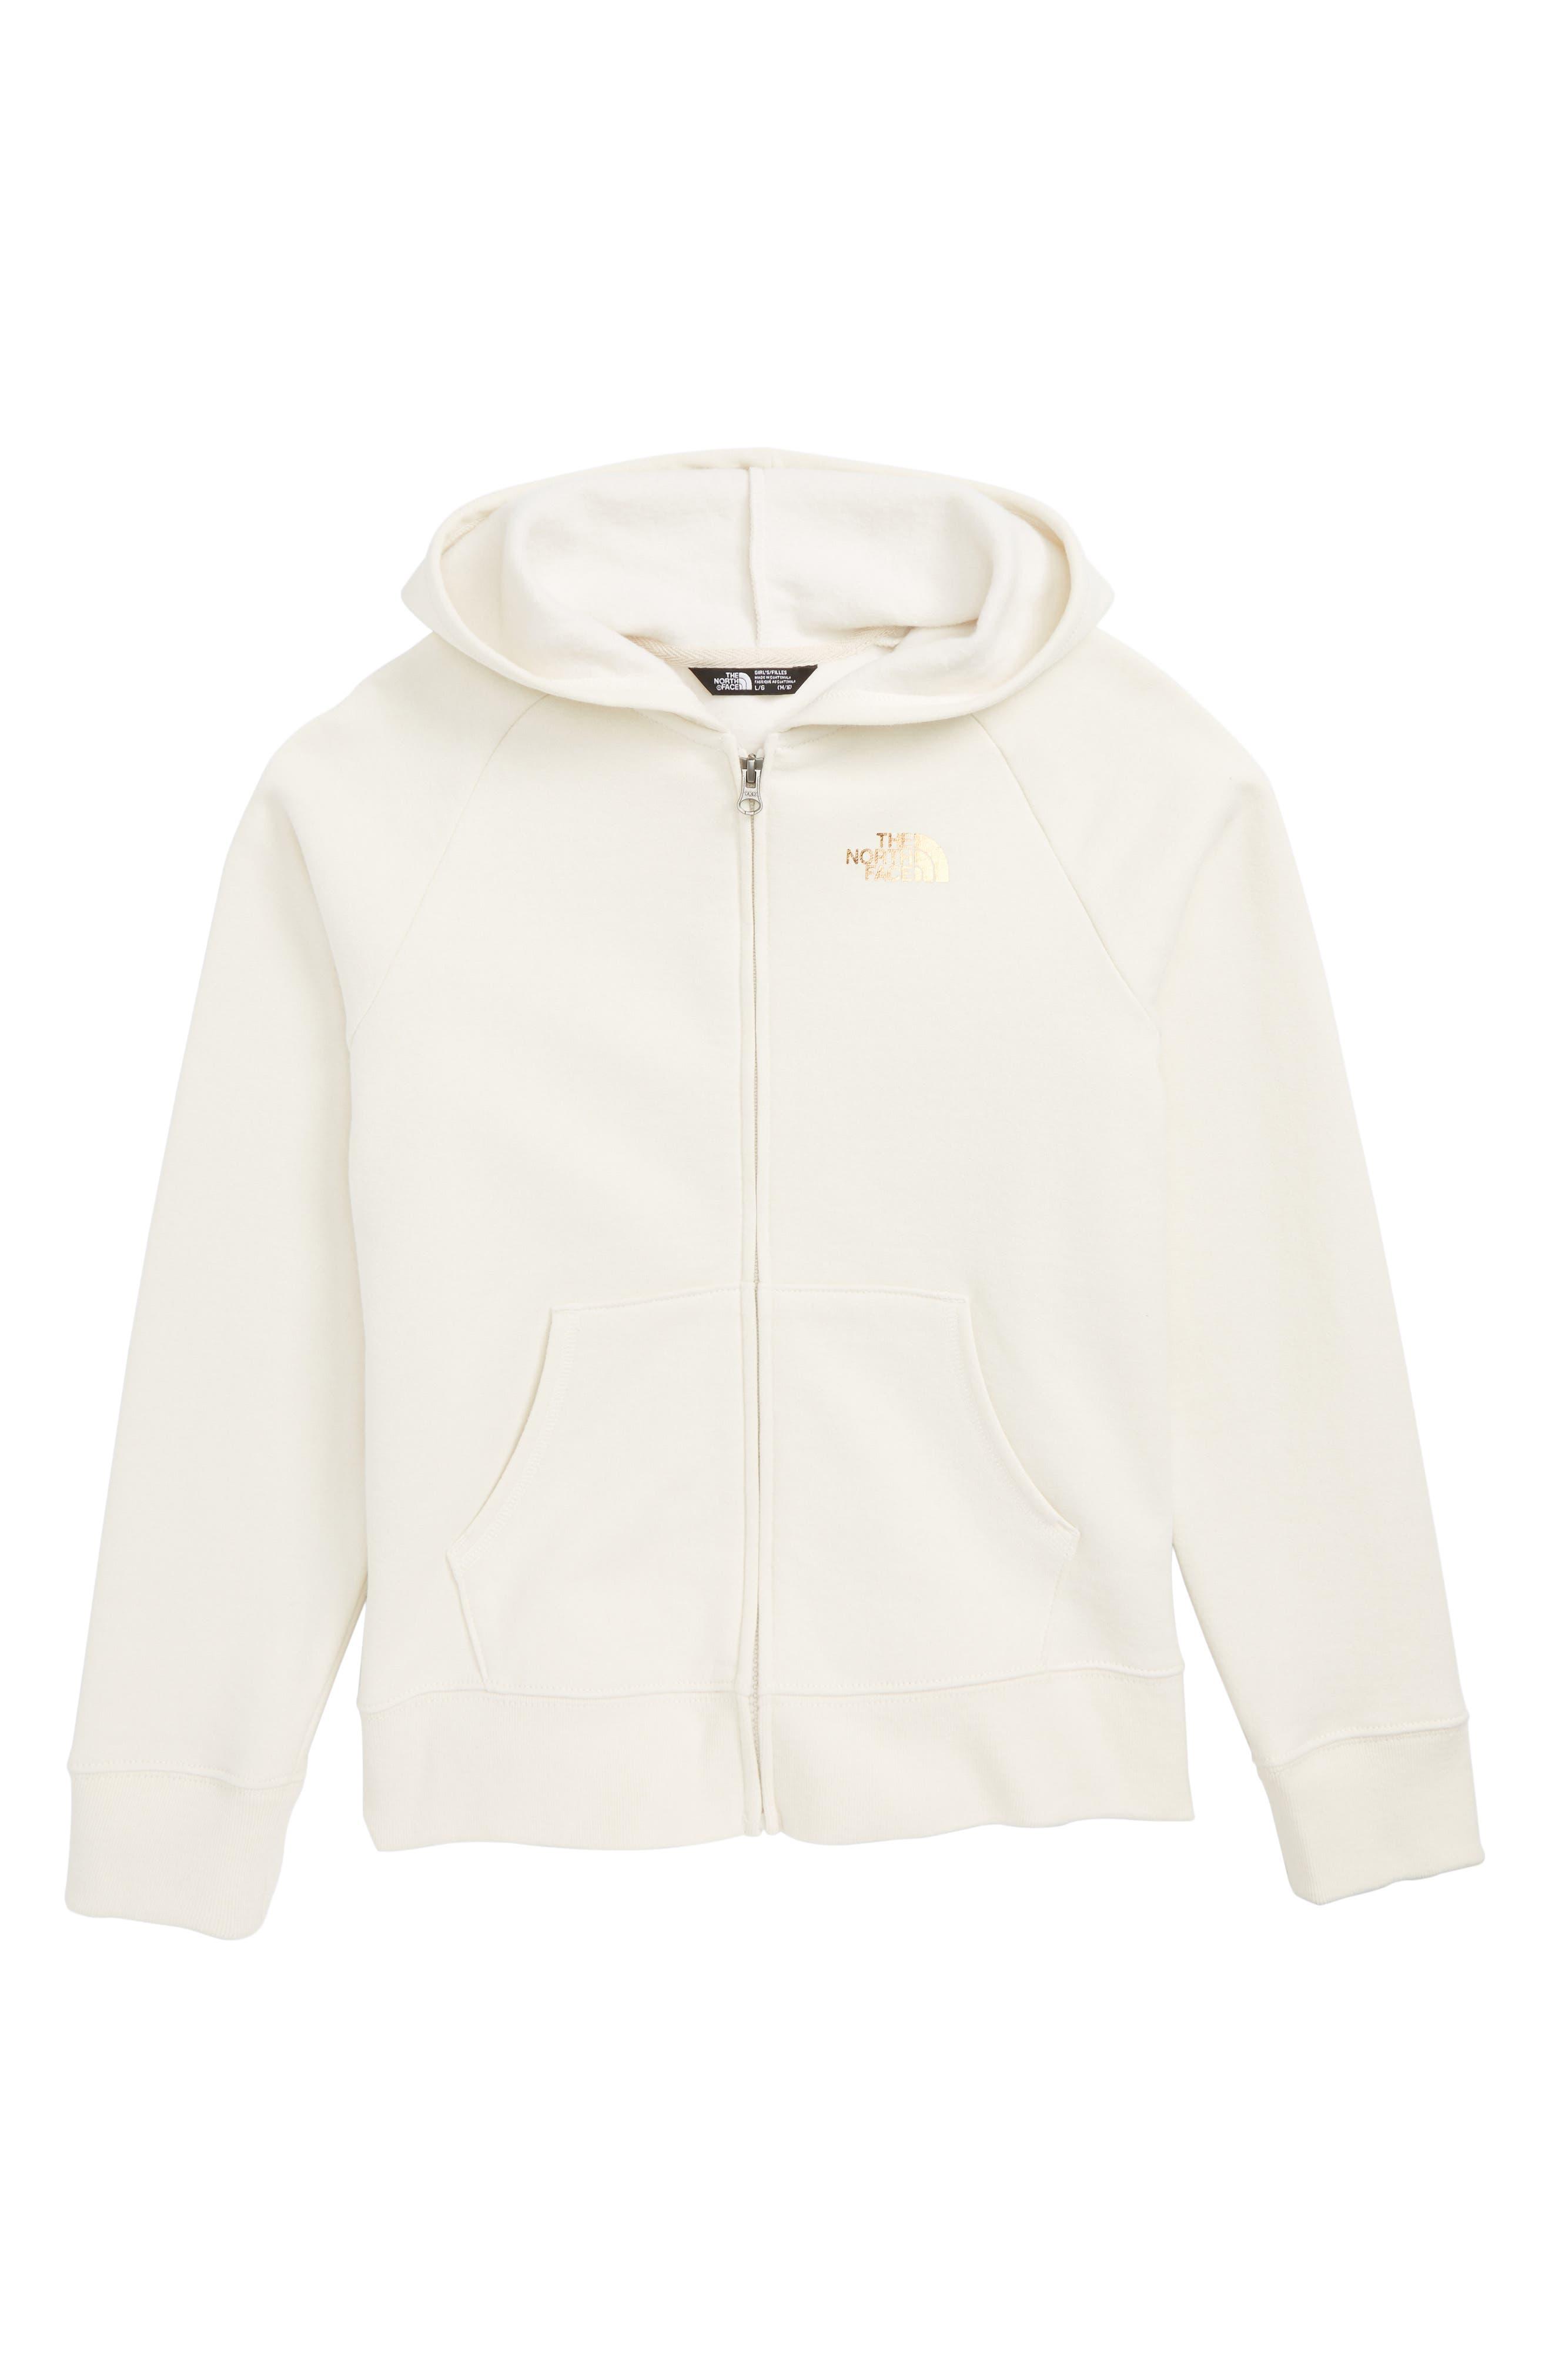 Logowear Full Zip Hoodie,                         Main,                         color, VINTAGE WHITE